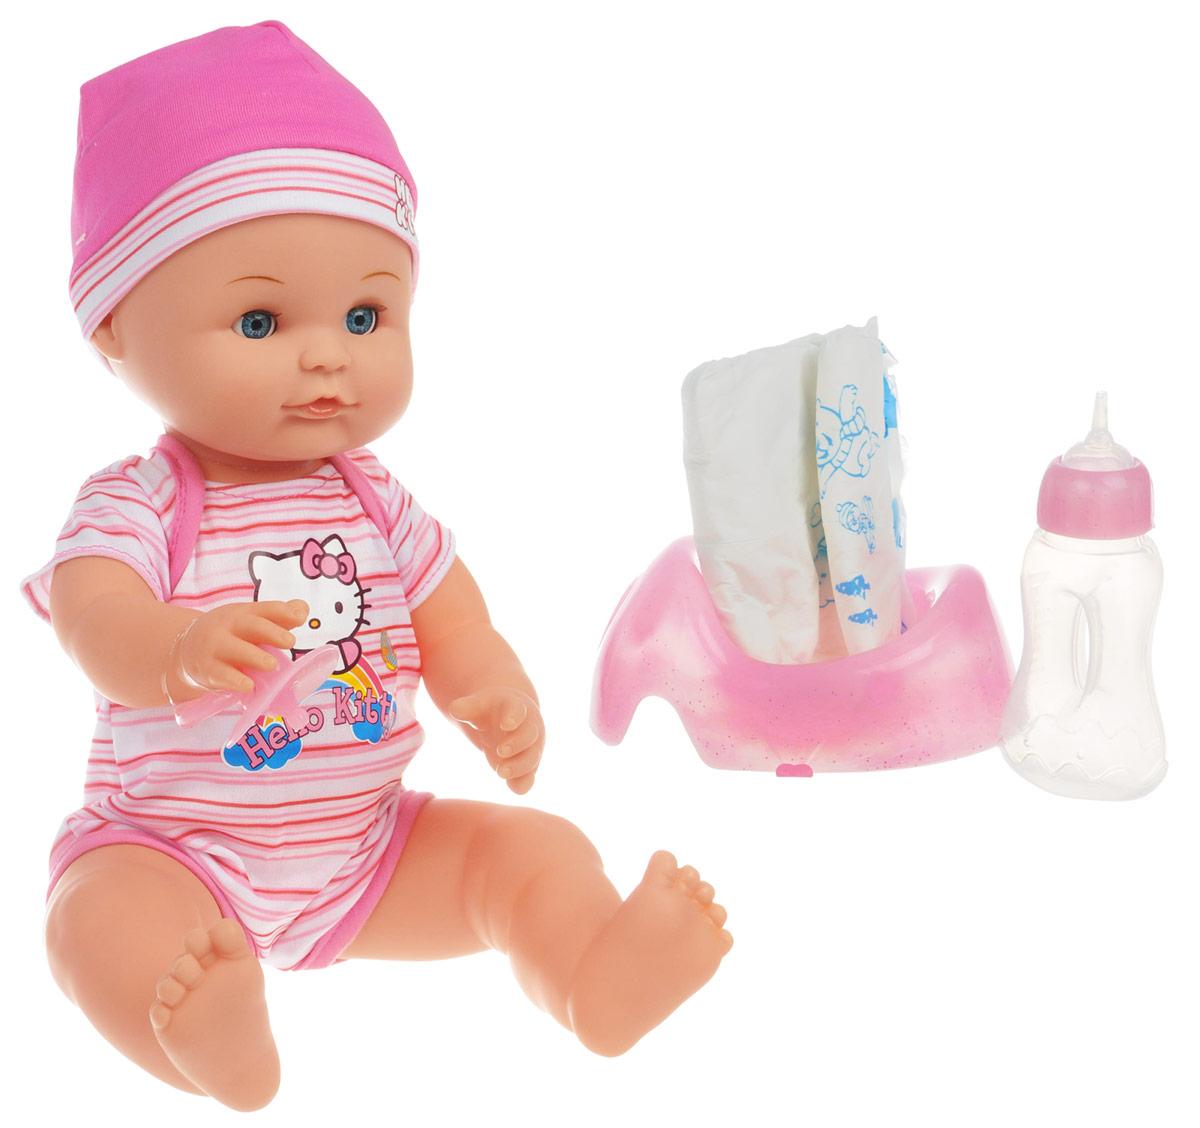 Карапуз Пупс Hello Kitty цвет одежды розовый белыйY210315-HELLO KITTYОчаровательный пупс Карапуз Hello Kitty приведет в восторг вашу малышку и доставит ей много удовольствия от часов, посвященных игре с ним. Кукла выглядит как настоящий малыш. Она одета в костюмчик, украшенный изображением Hello Kitty и шапочку в бело-розовых цветах. У пупса подвижные голова, ножки и ручки. В комплект входят аксессуары для ухода за малышом: бутылочка для кормления, горшок, подгузник, пустышка и свидетельство о рождении. Малыш пьет из бутылочки и писает в горшочек. Если пупса положить - он закроет глазки. Куклу можно купать. Игра с куклой разовьет в вашем ребенке фантазию и любознательность, поможет овладеть навыками общения и научит ролевым играм, воспитает чувство ответственности и заботы.